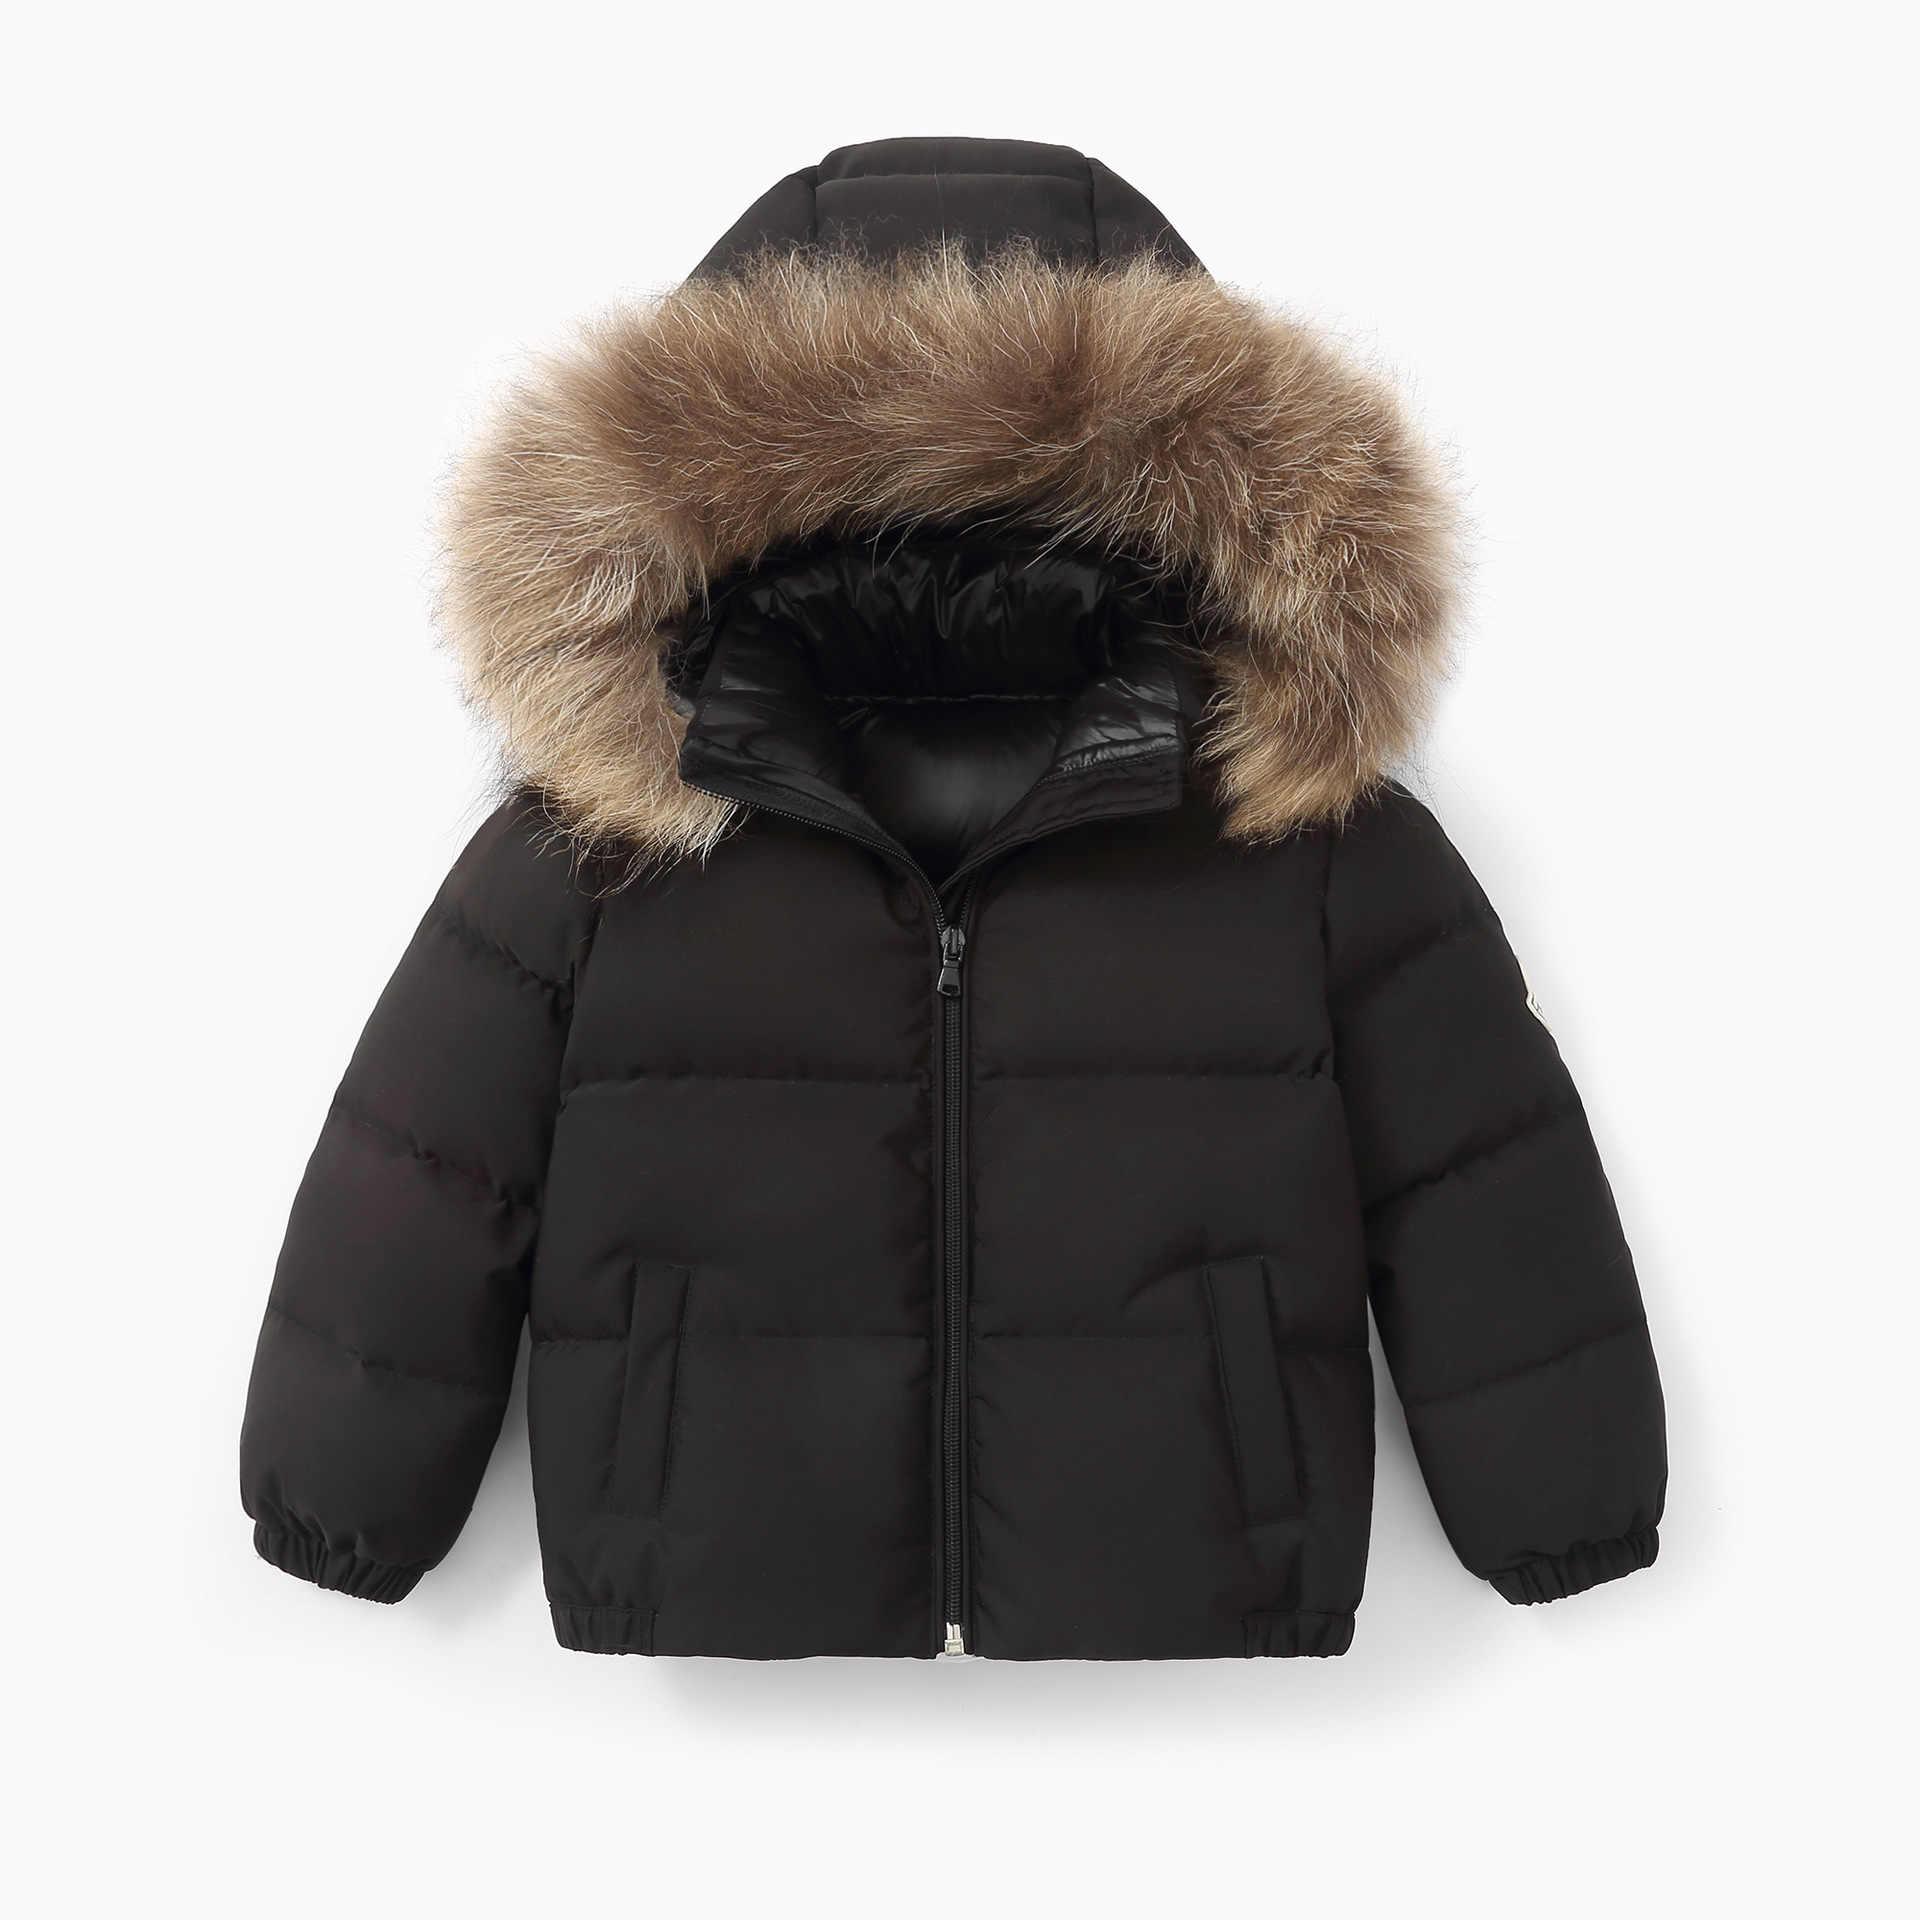 Jaqueta de crianças Para Baixo 2019 Casaco Grosso Crianças Do Bebê Das Meninas Dos Meninos Com Capuz De Pele Real Pato Branco Quente Para Baixo Outwear Roupas